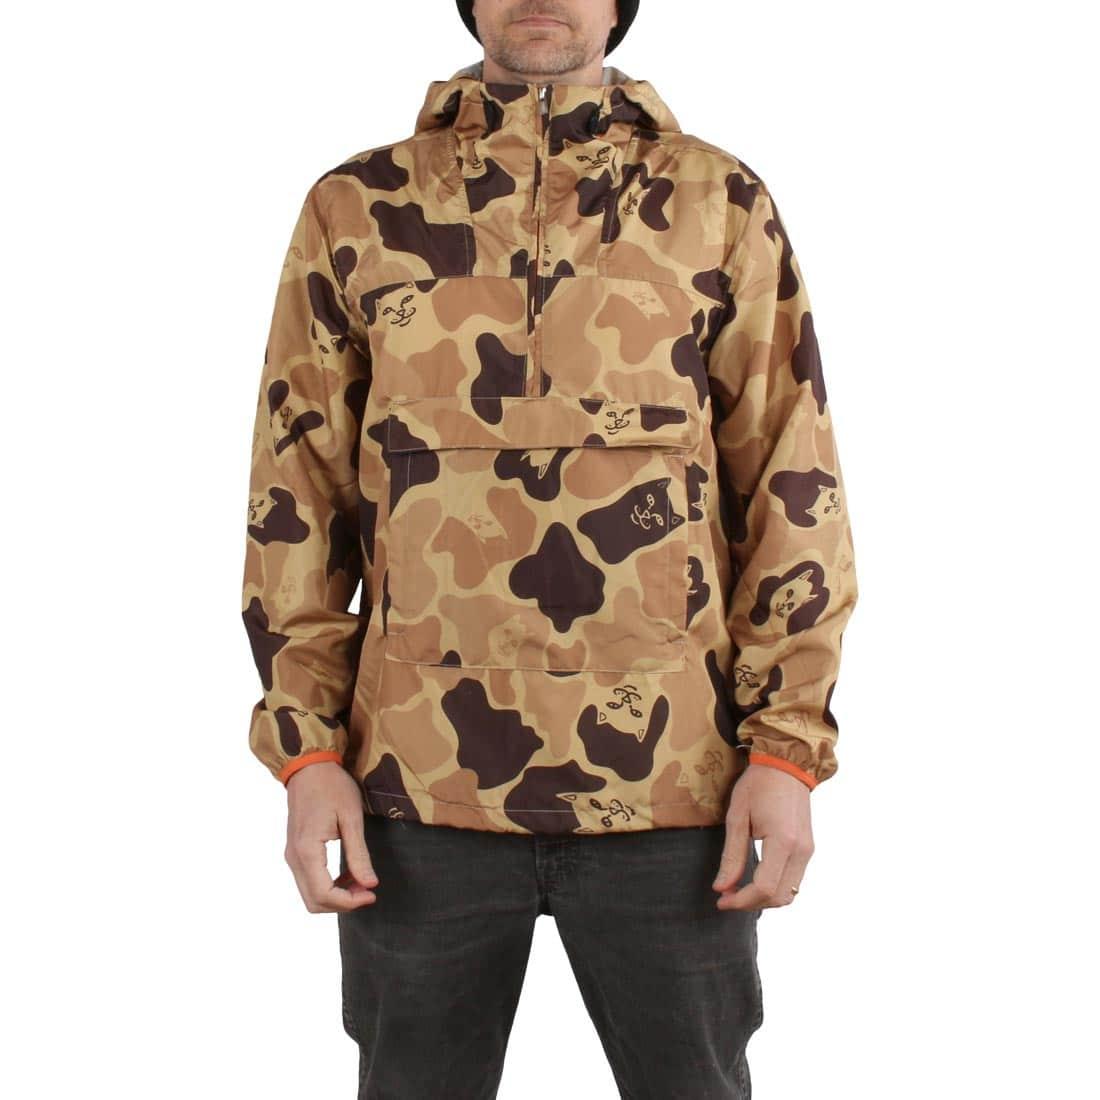 RIPNDIP Nermcamo Fanorak Packable Anorak Jacket - Desert Camo